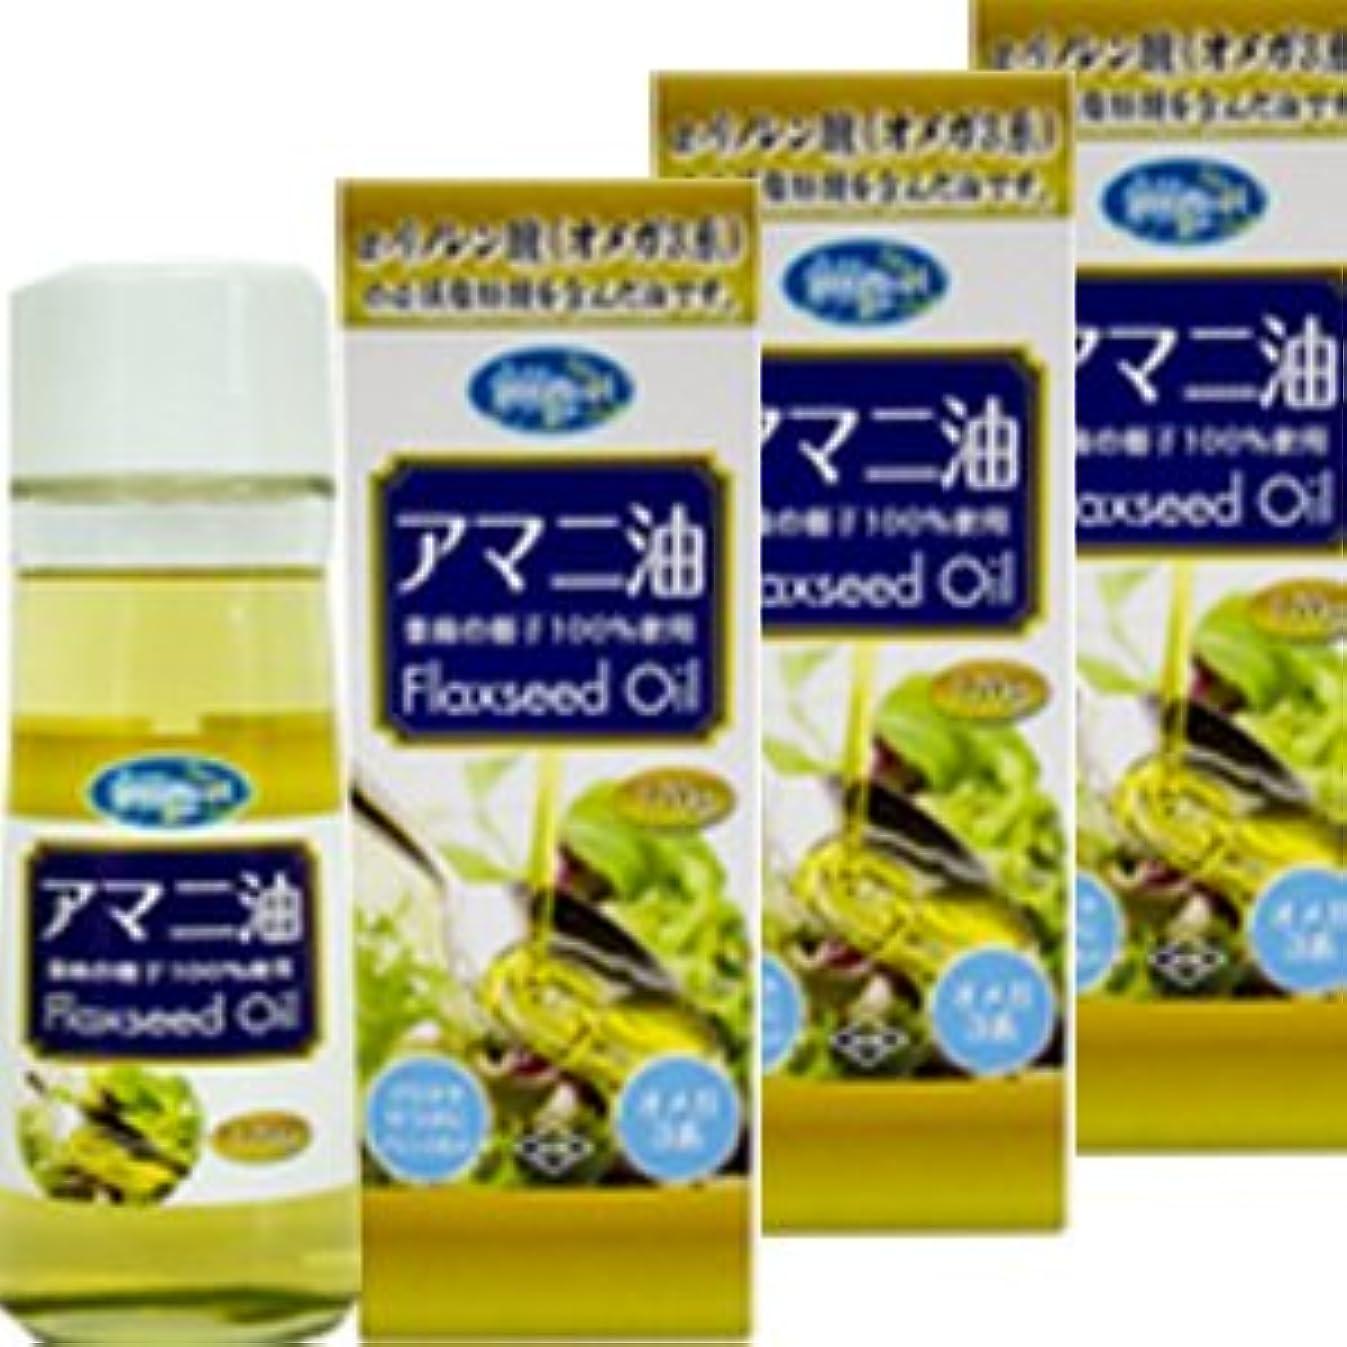 変色する国家鎖朝日 アマニ油 170g 3本セット